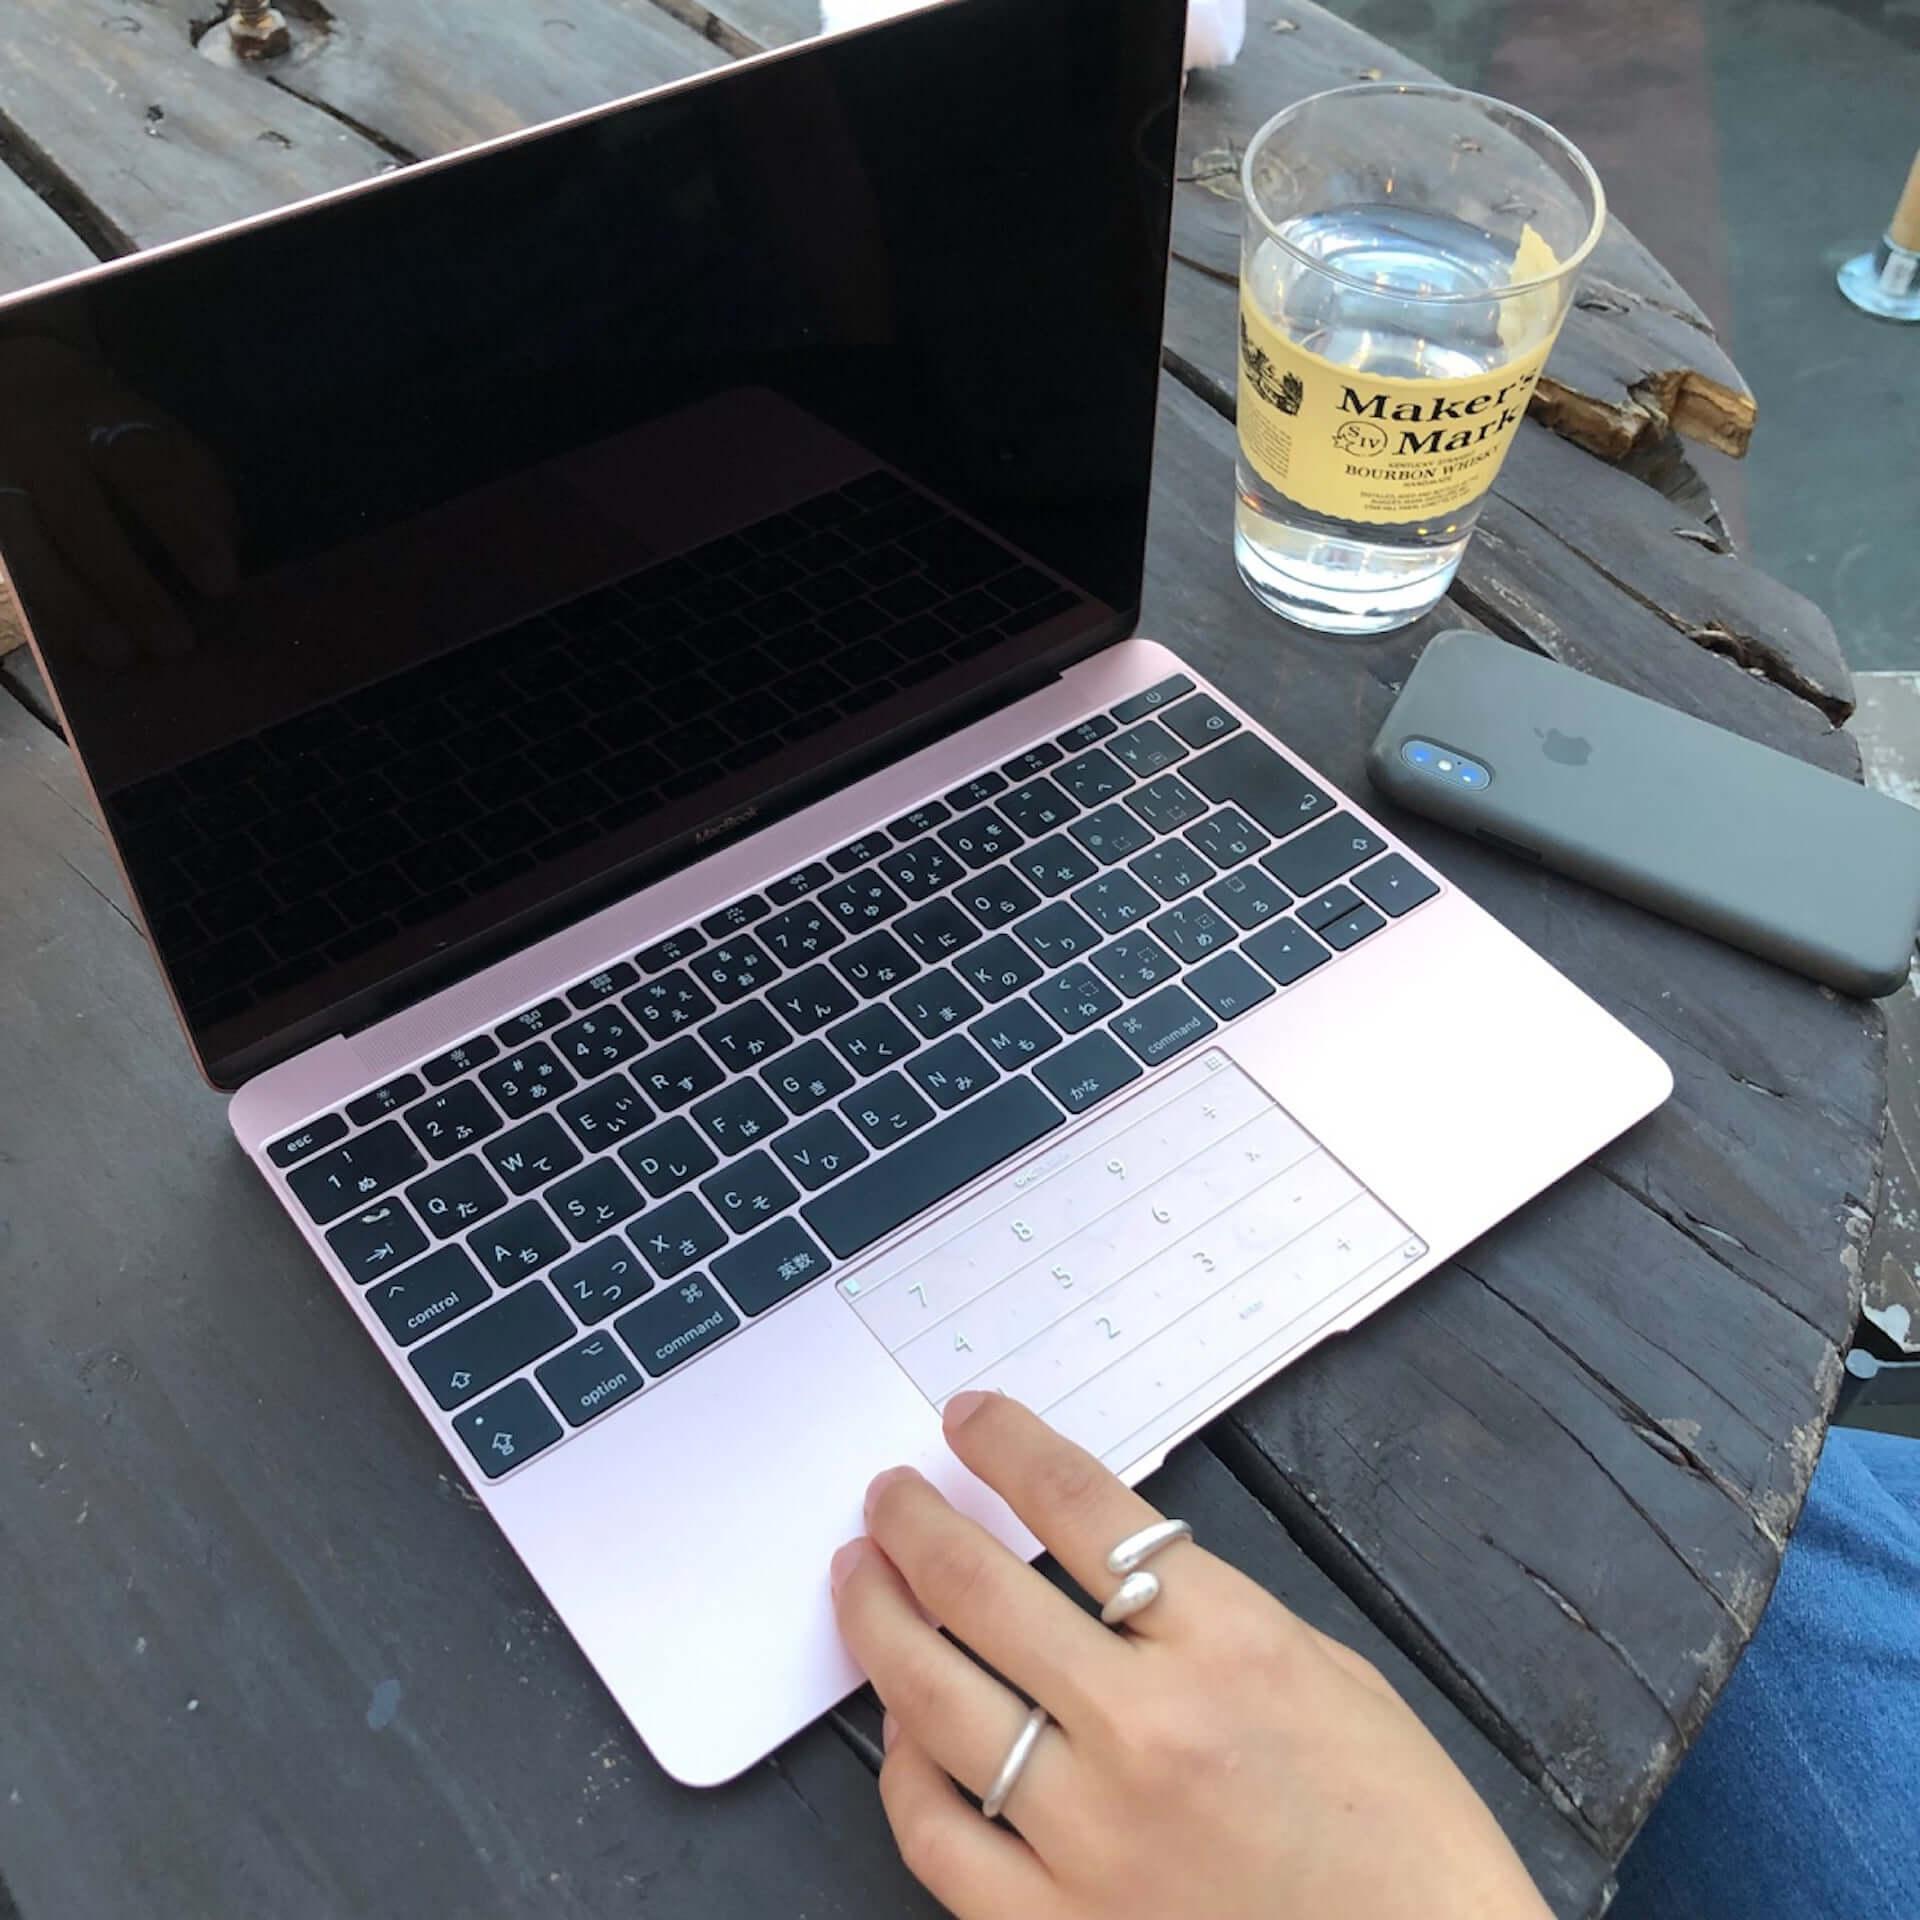 トラックパッドがそのままテンキーに!MacBook/Surfaceで使える「Nums」が登場 technology190819nums_2-1920x1920